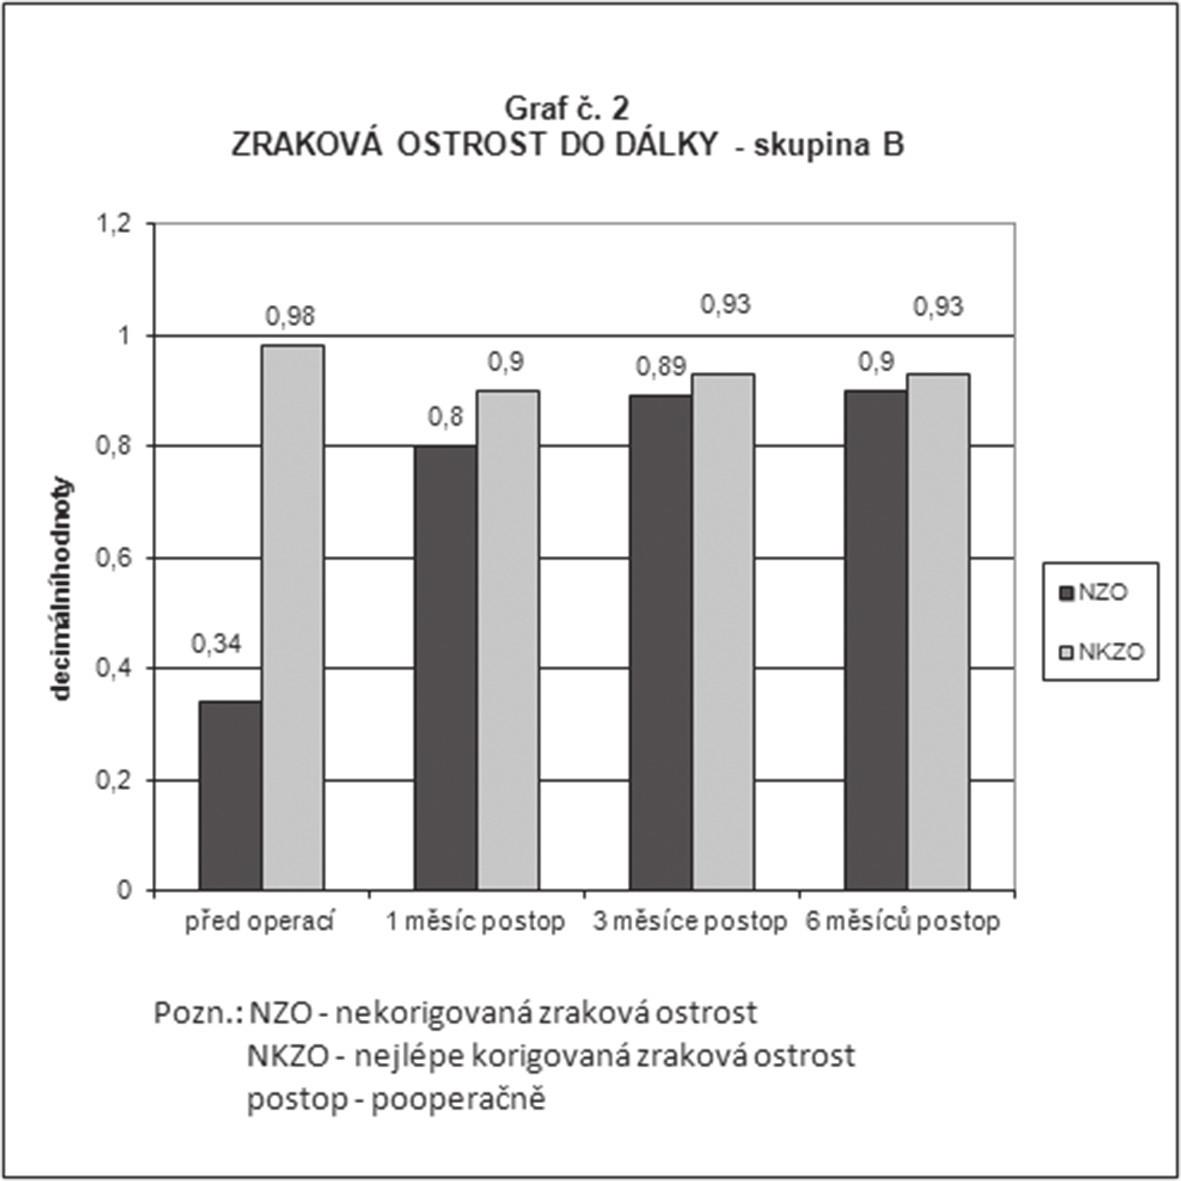 Průměrné hodnoty nekorigované a nejlépe korigované monokulární zrakové ostrosti do dálky ve skupině B (implantace nitrooční čočky LENTIS MplusX) předoperačně, 1 měsíc, 3 měsíce a 6 měsíců po operaci